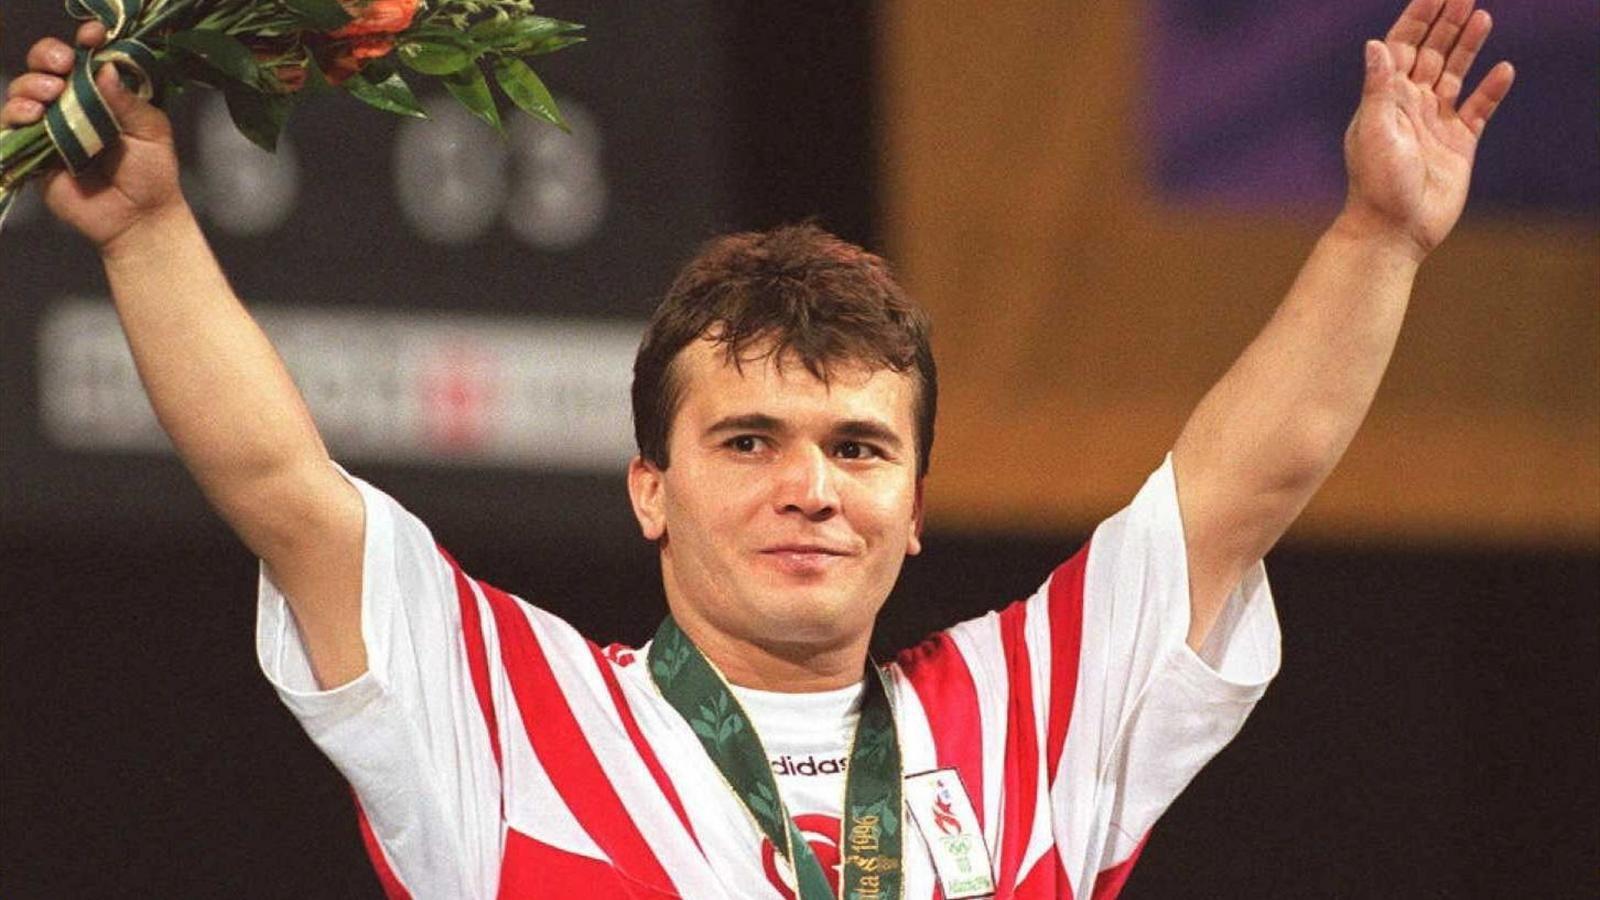 Olimpiyat şampiyonu eski milli halterci Naim Süleymanoğlu, tedavi gördüğü hastanede hayatını kaybetti. tarihte bugün